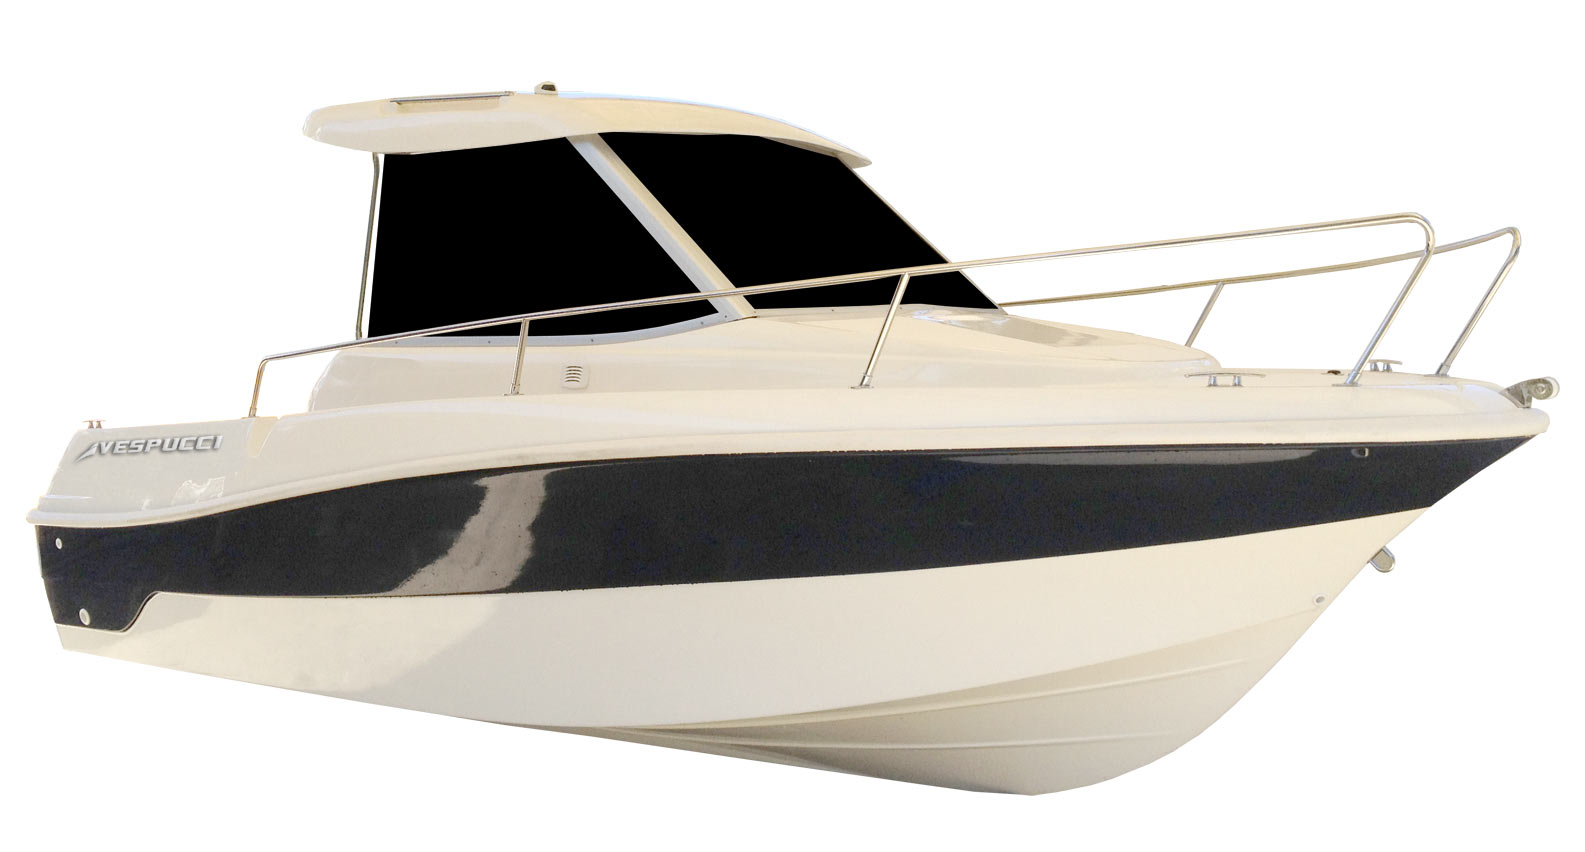 Vendita barche nuove a motore open e cabinate da 5 a 6 mt for Barche al largo con cabine